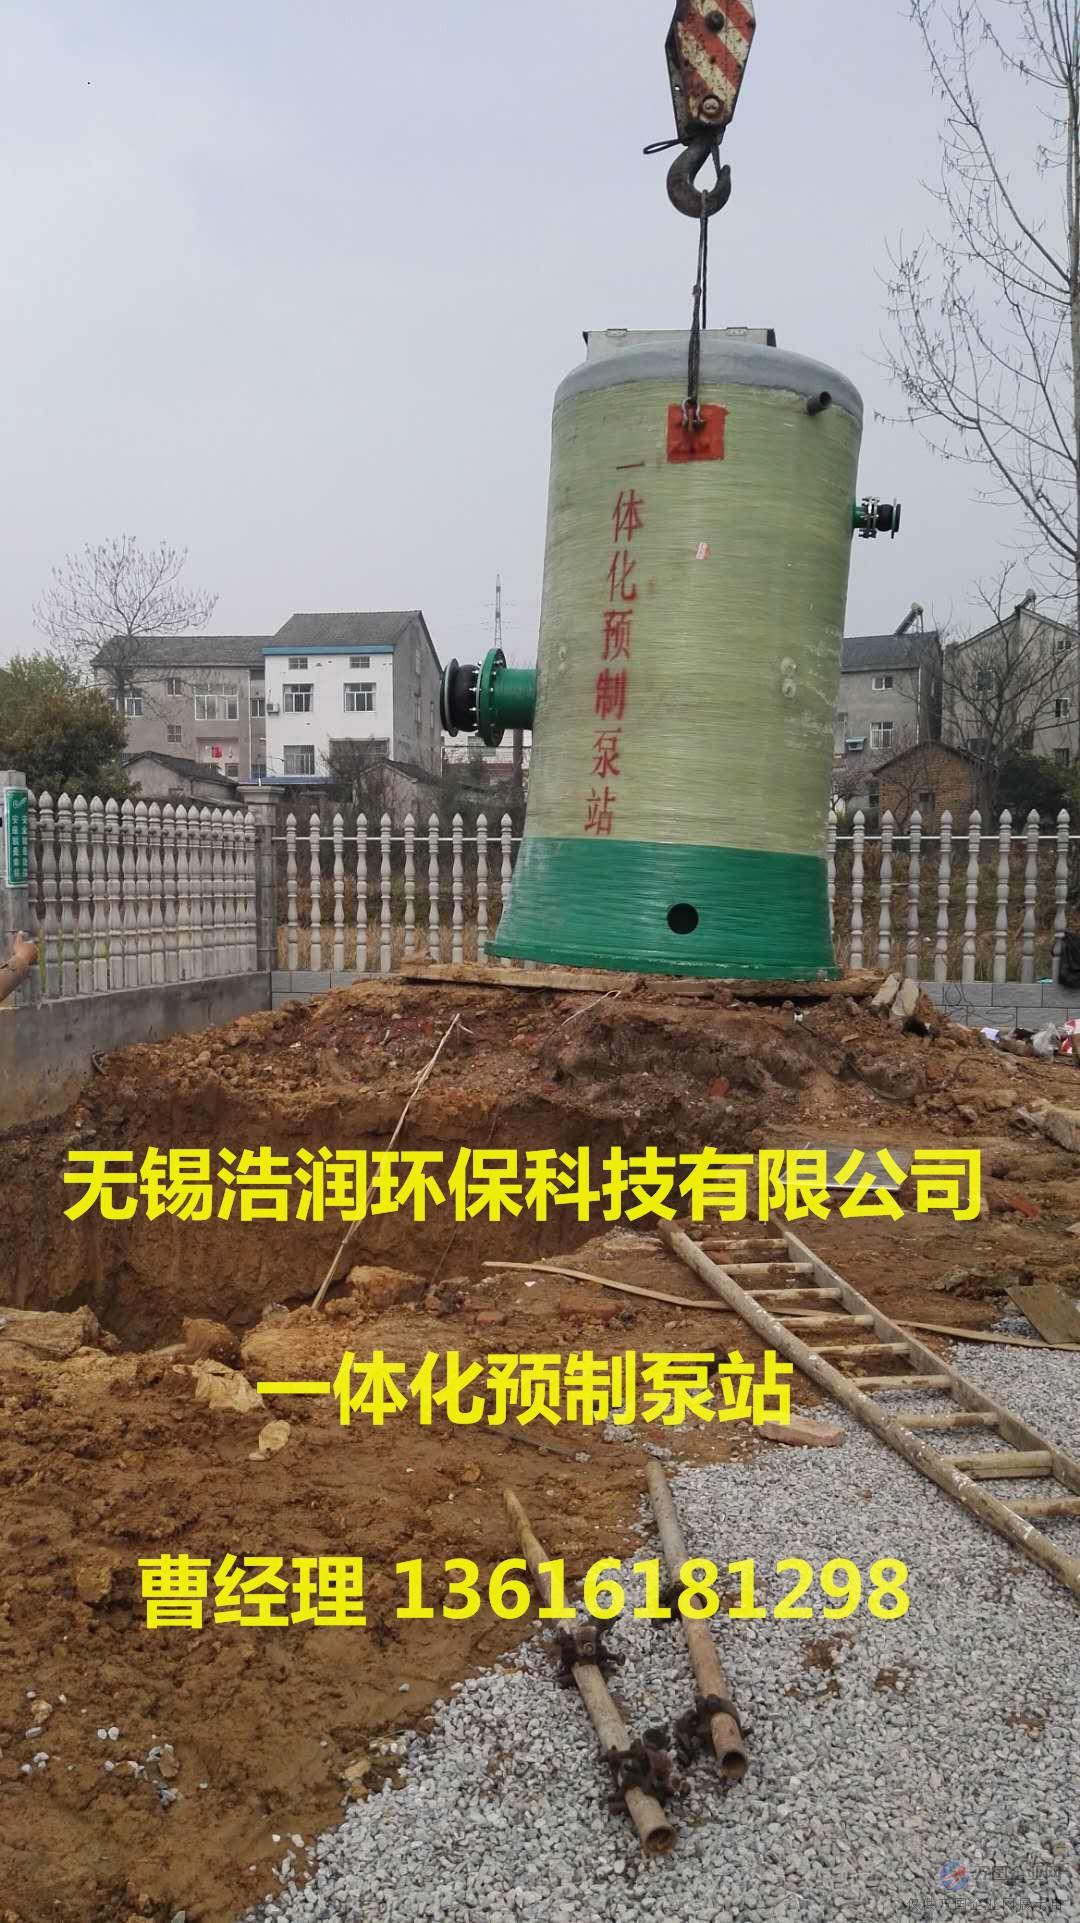 湖北松滋泵站 (1)_看图王